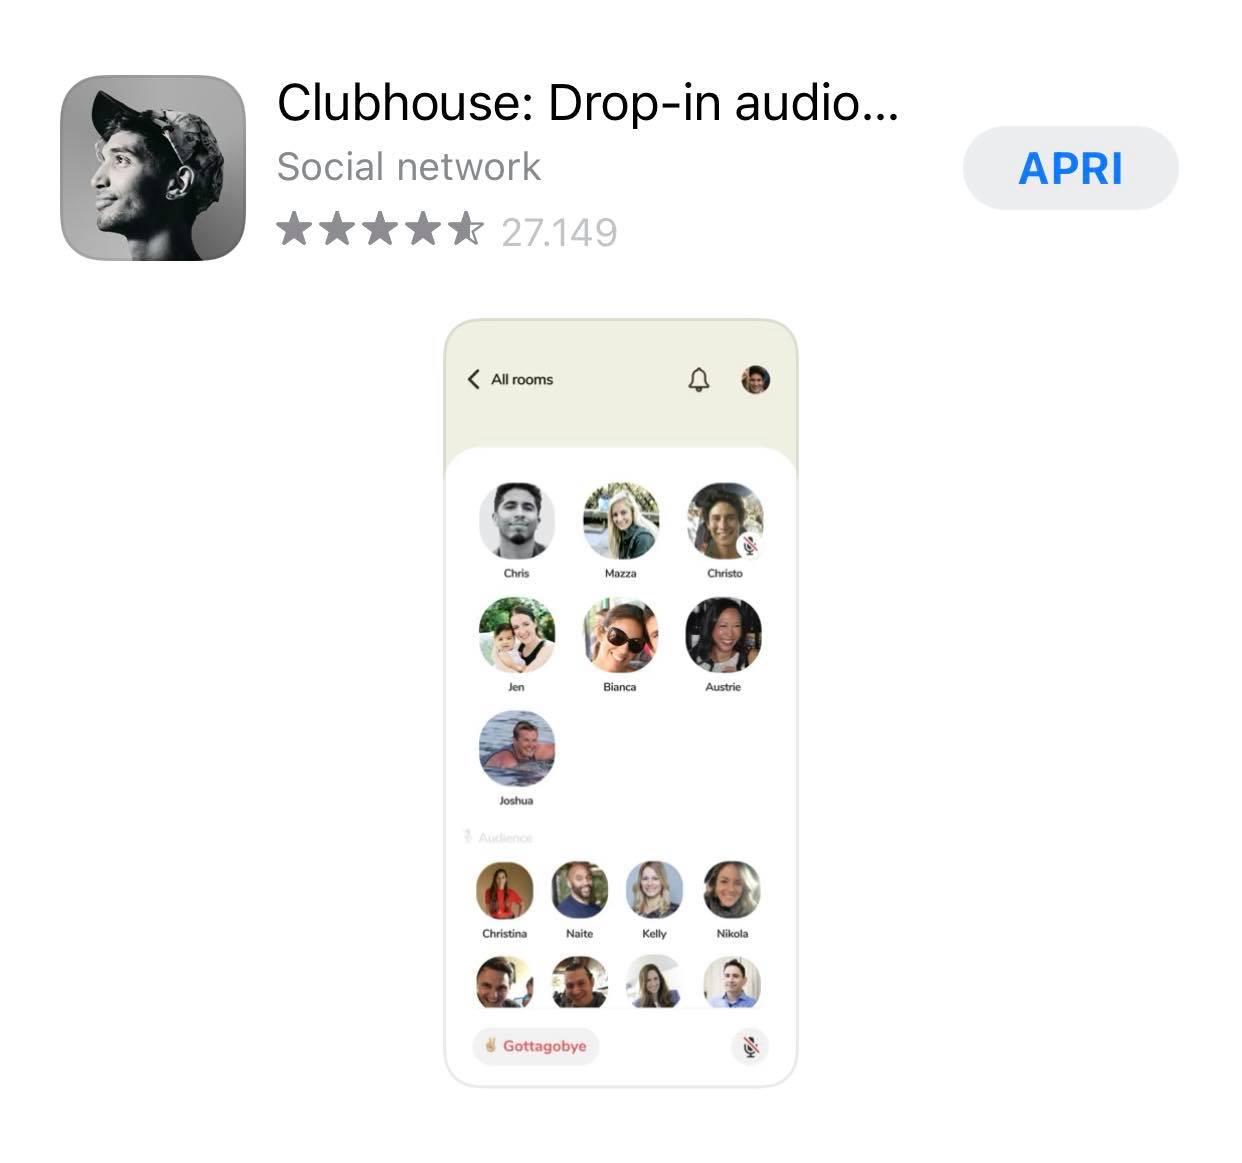 club house come si usa il nuovo social network drop in audio